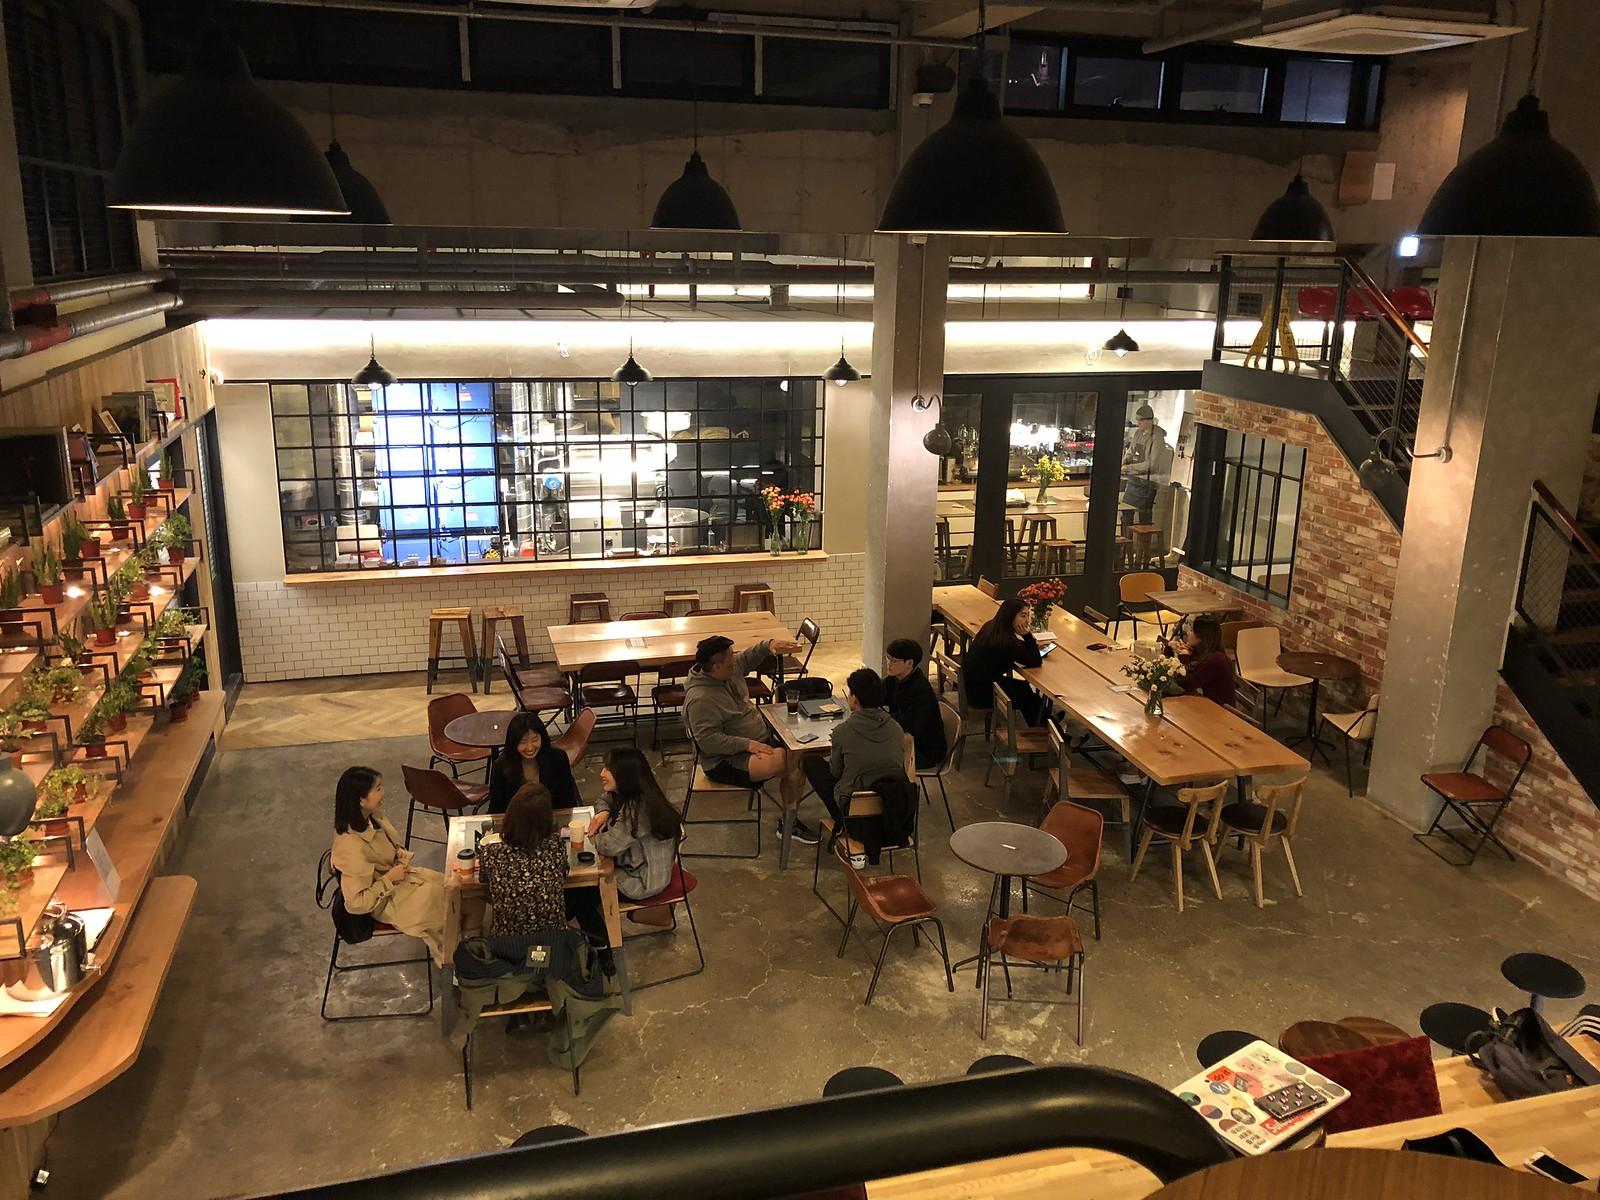 빌리프 커피 로스터스의 지하 공간 전경